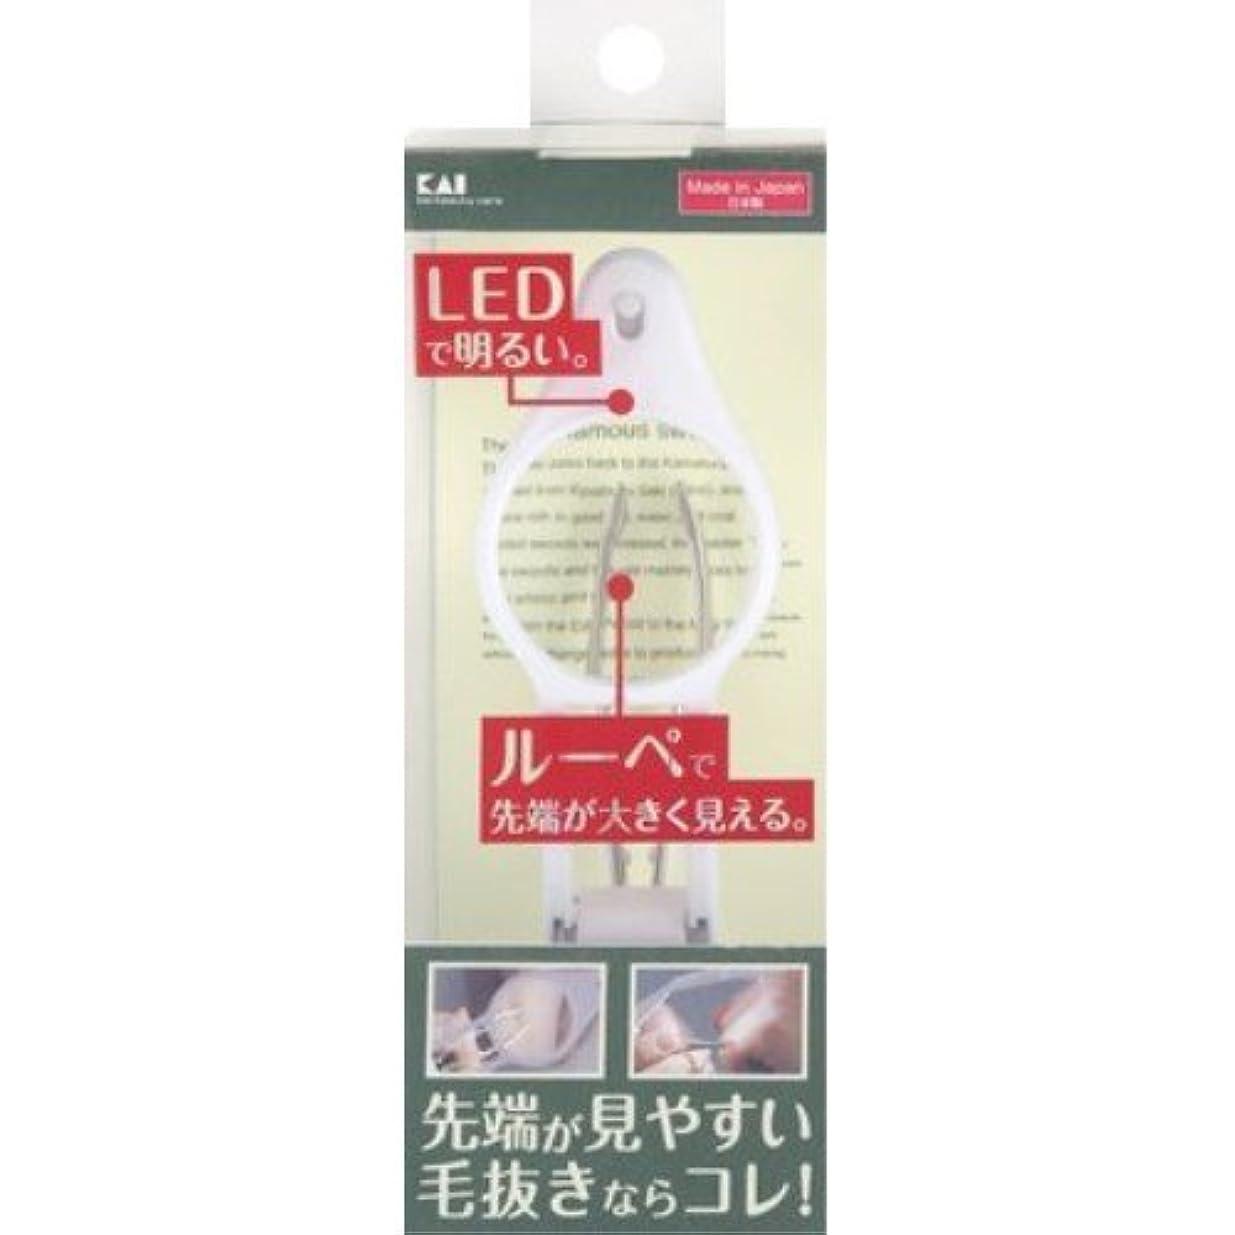 アーサーコナンドイル禁じる冷蔵庫貝印 LEDルーペ付き毛抜き KQ0330